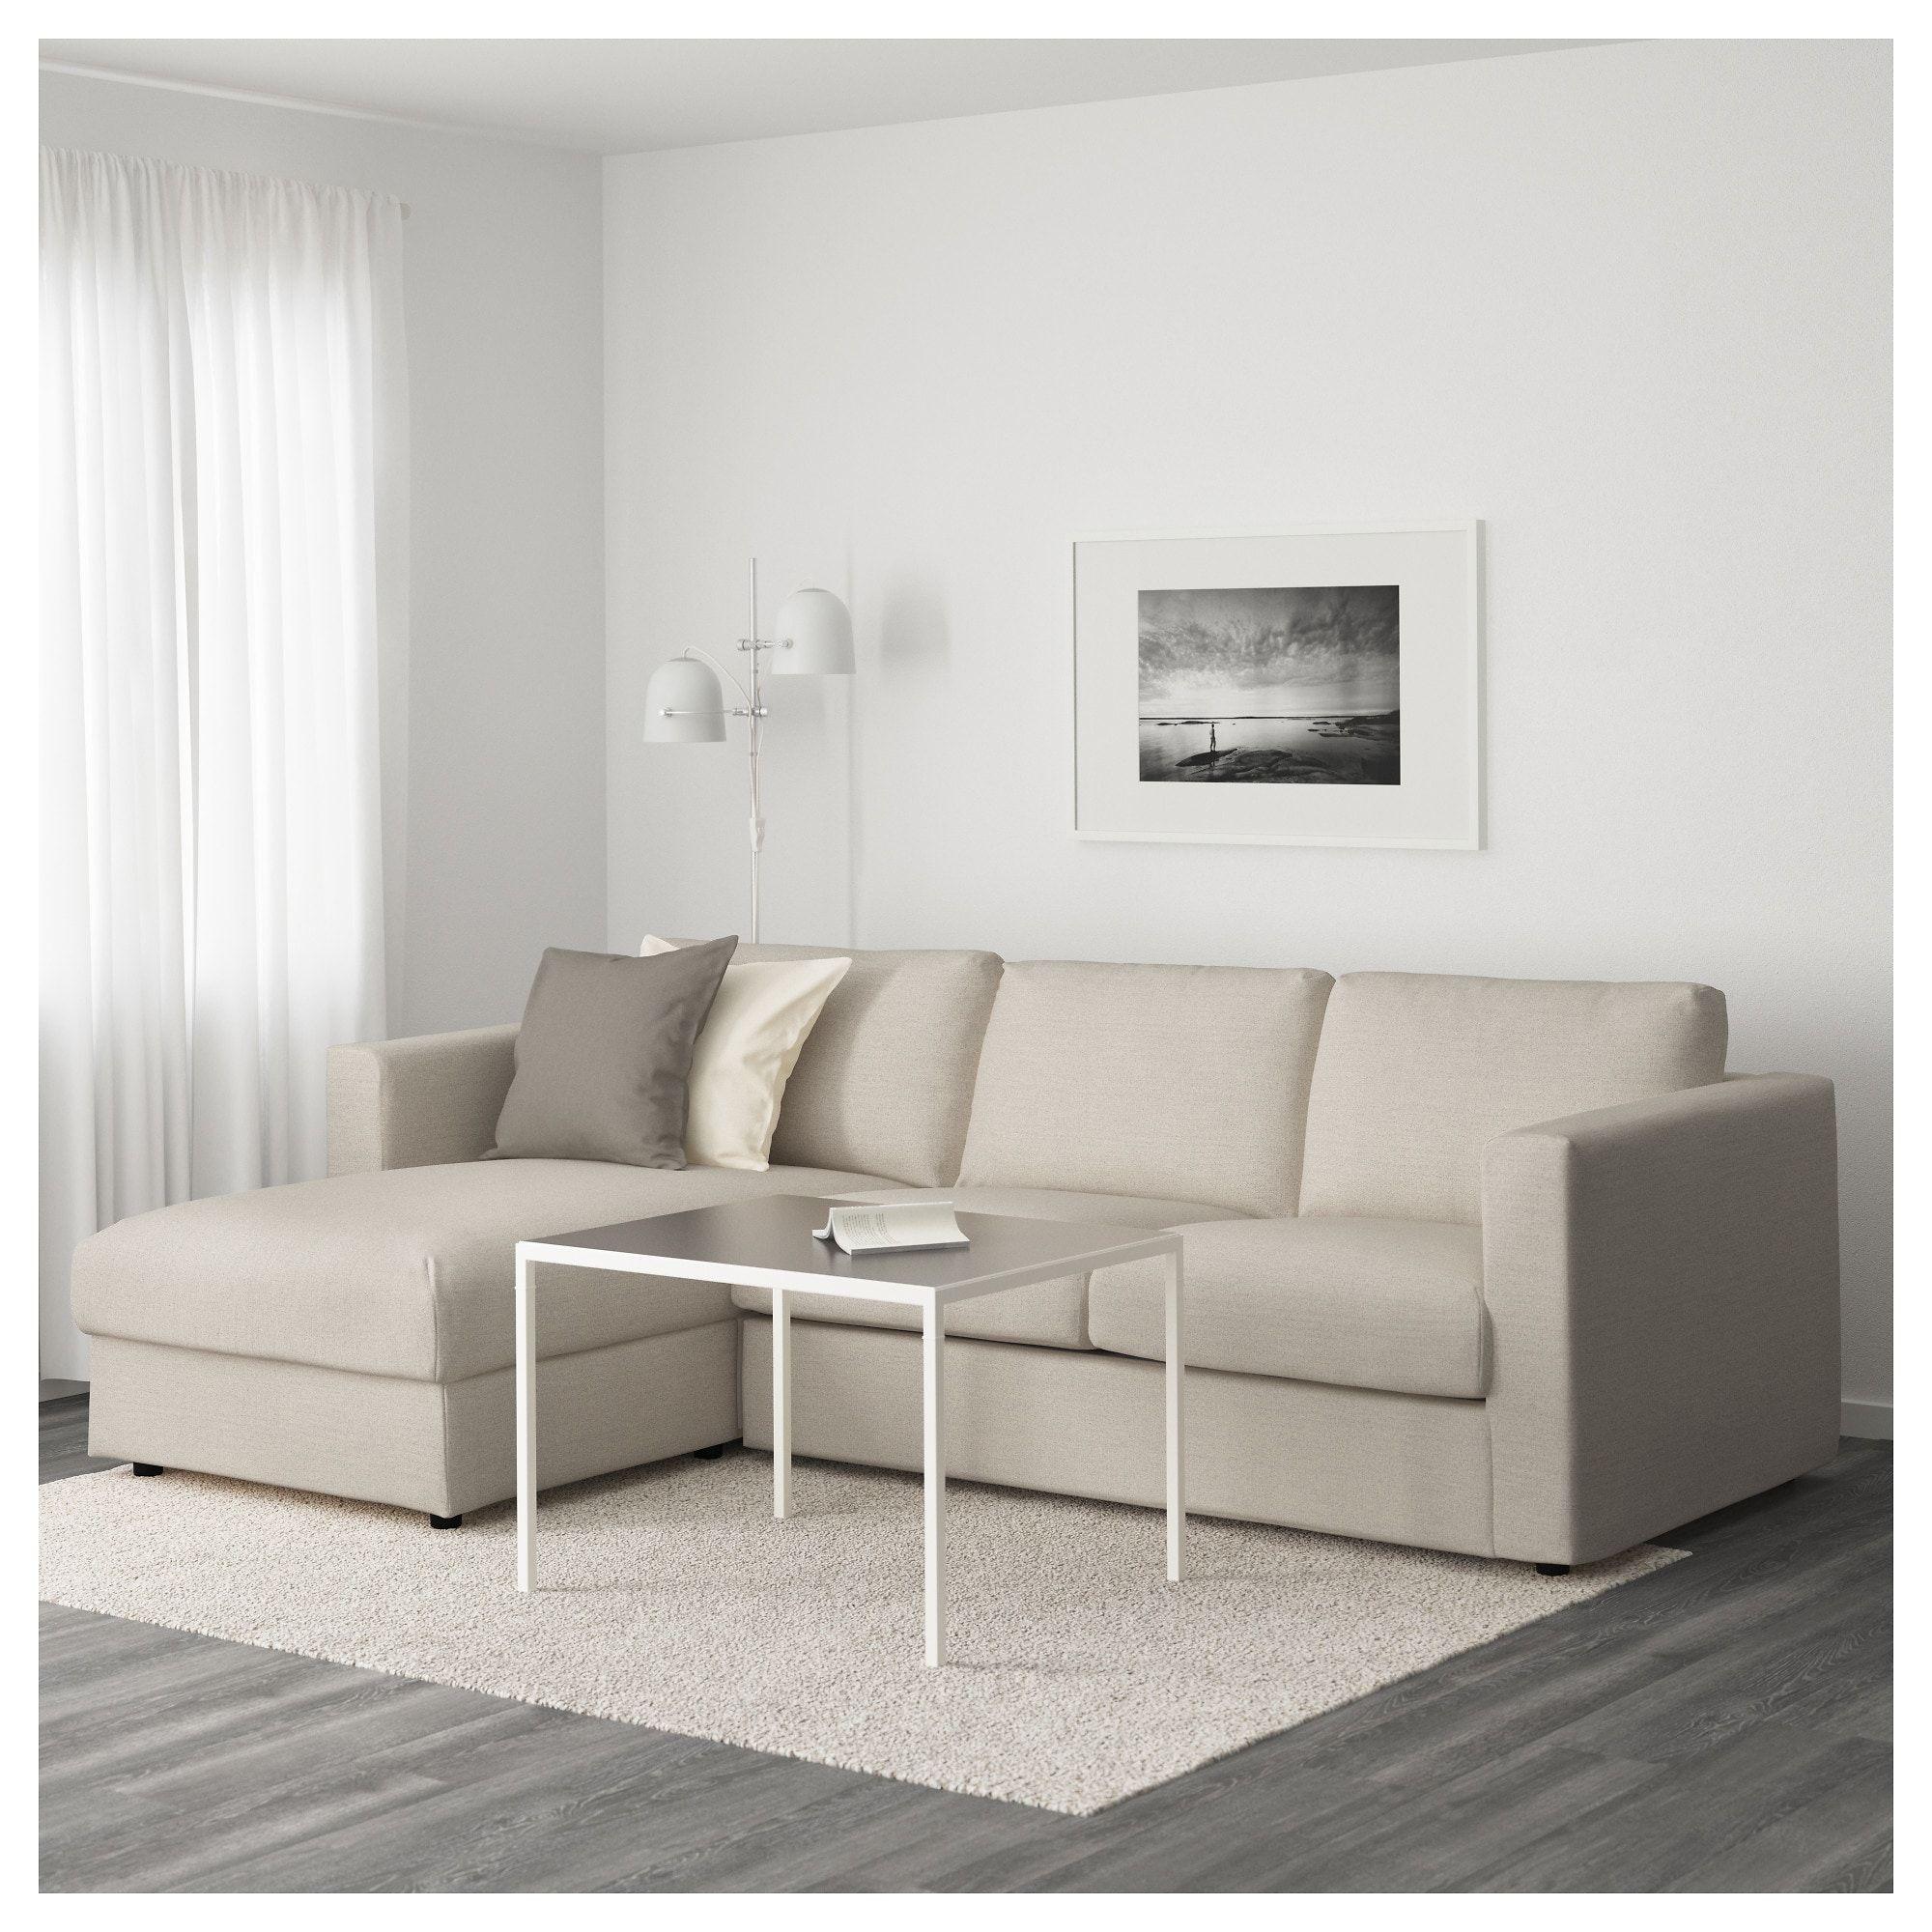 Us Furniture And Home Furnishings Canape Angle Canape Design Canape